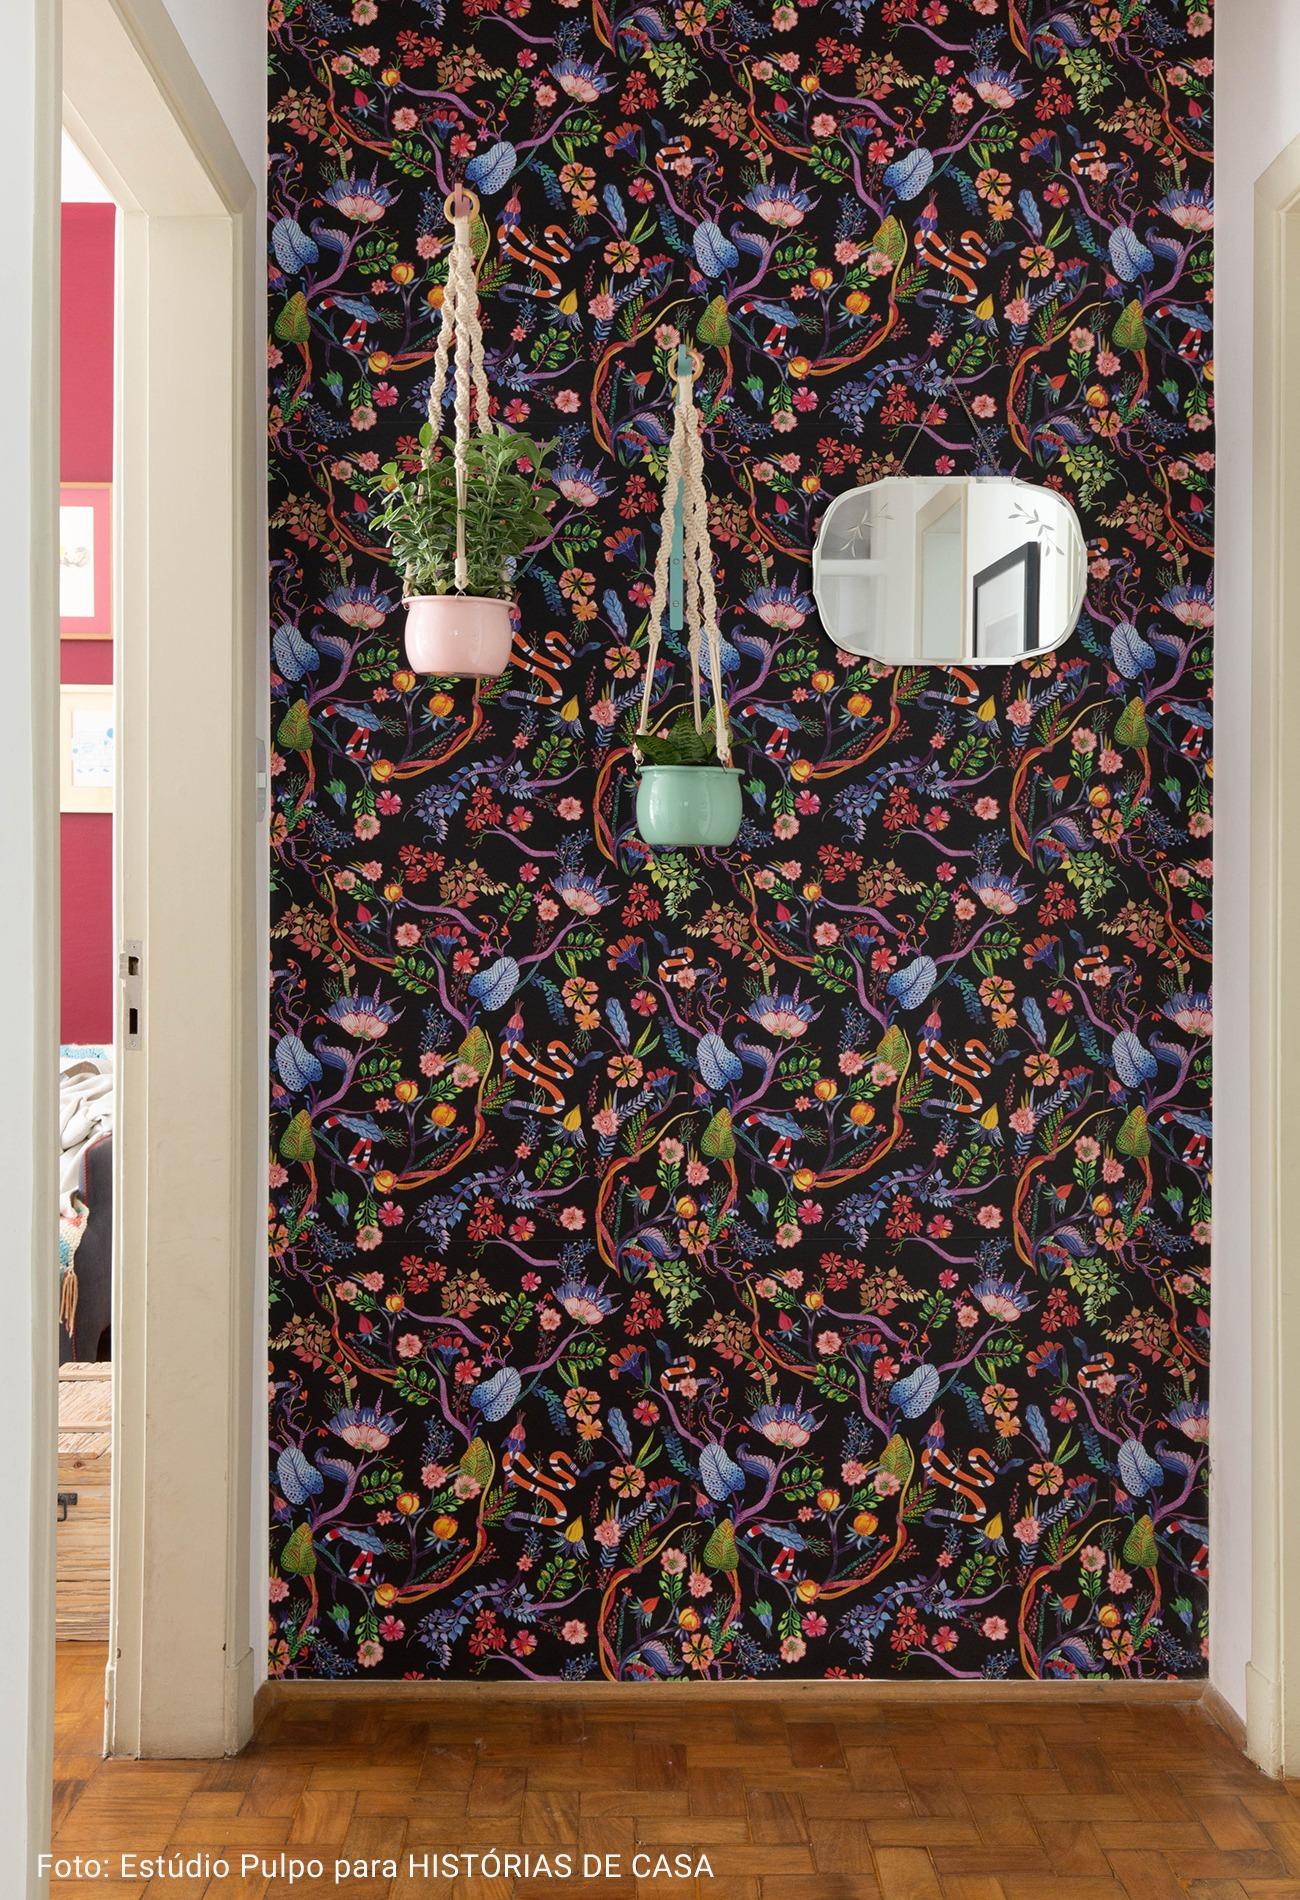 papel de parede florido com espelho oval